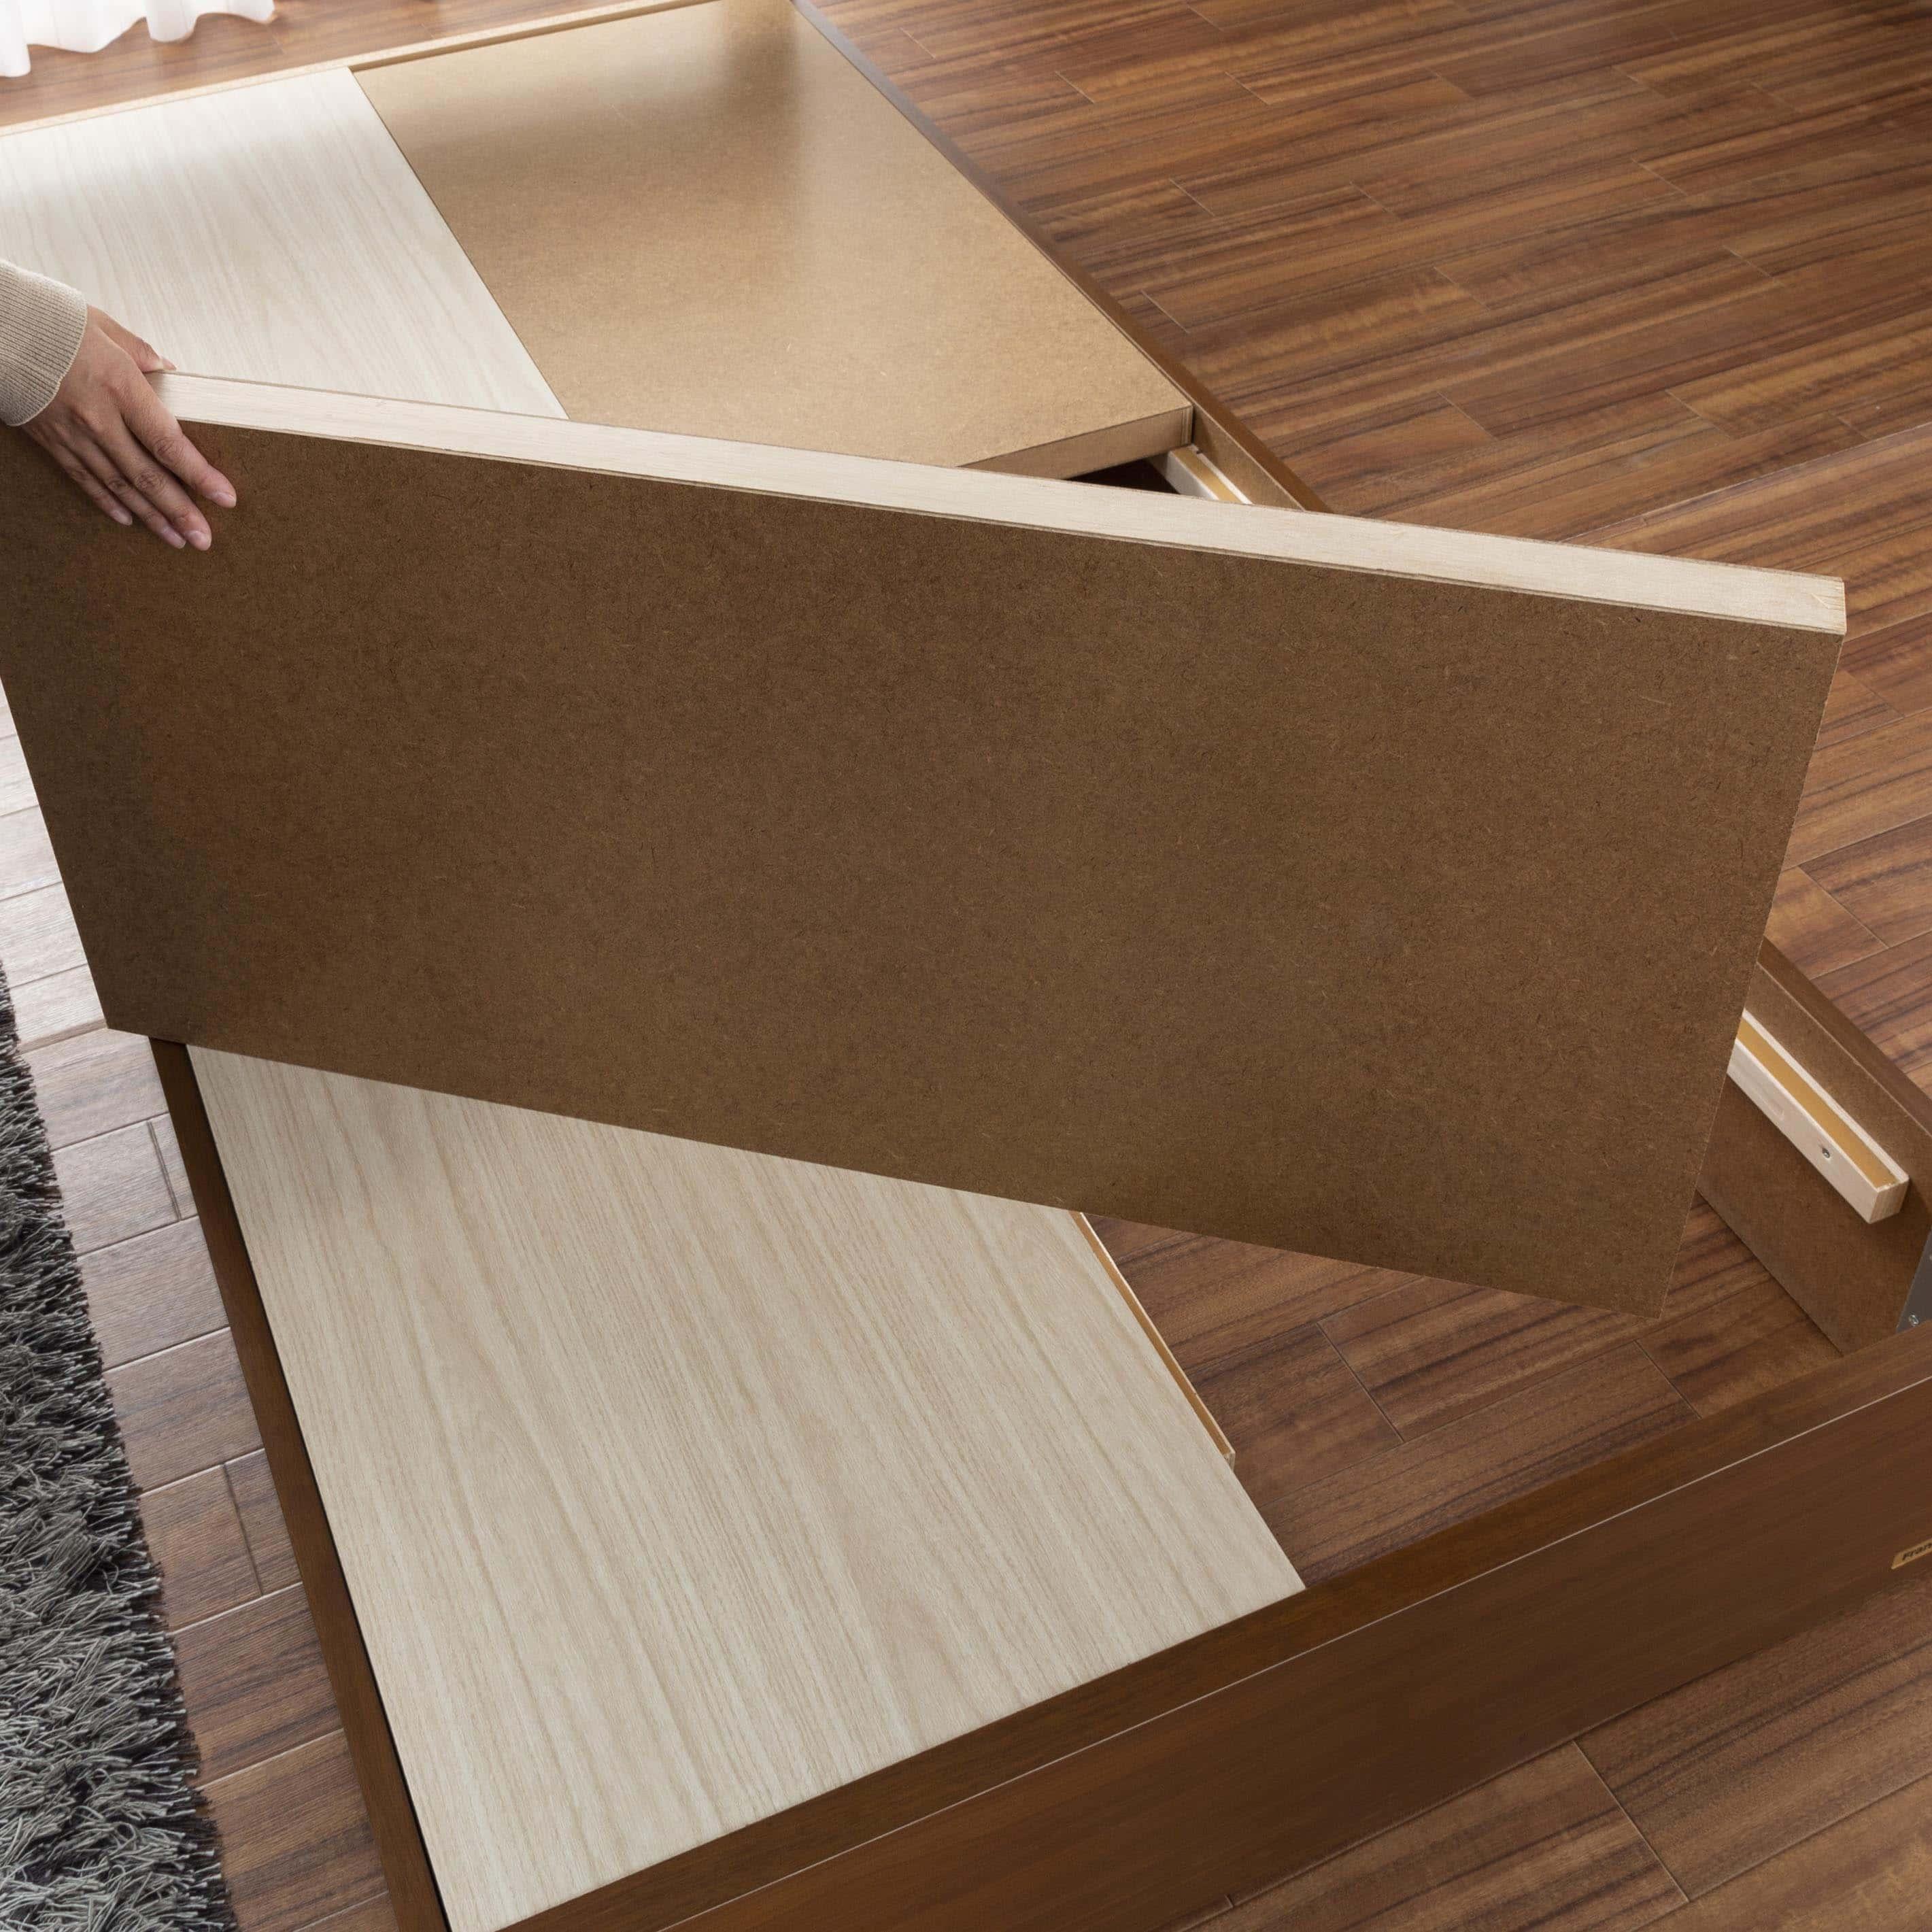 シングルベッド コスモプラス(白木目)/シルバー800DX3(GY):しっかり安定感のある床板